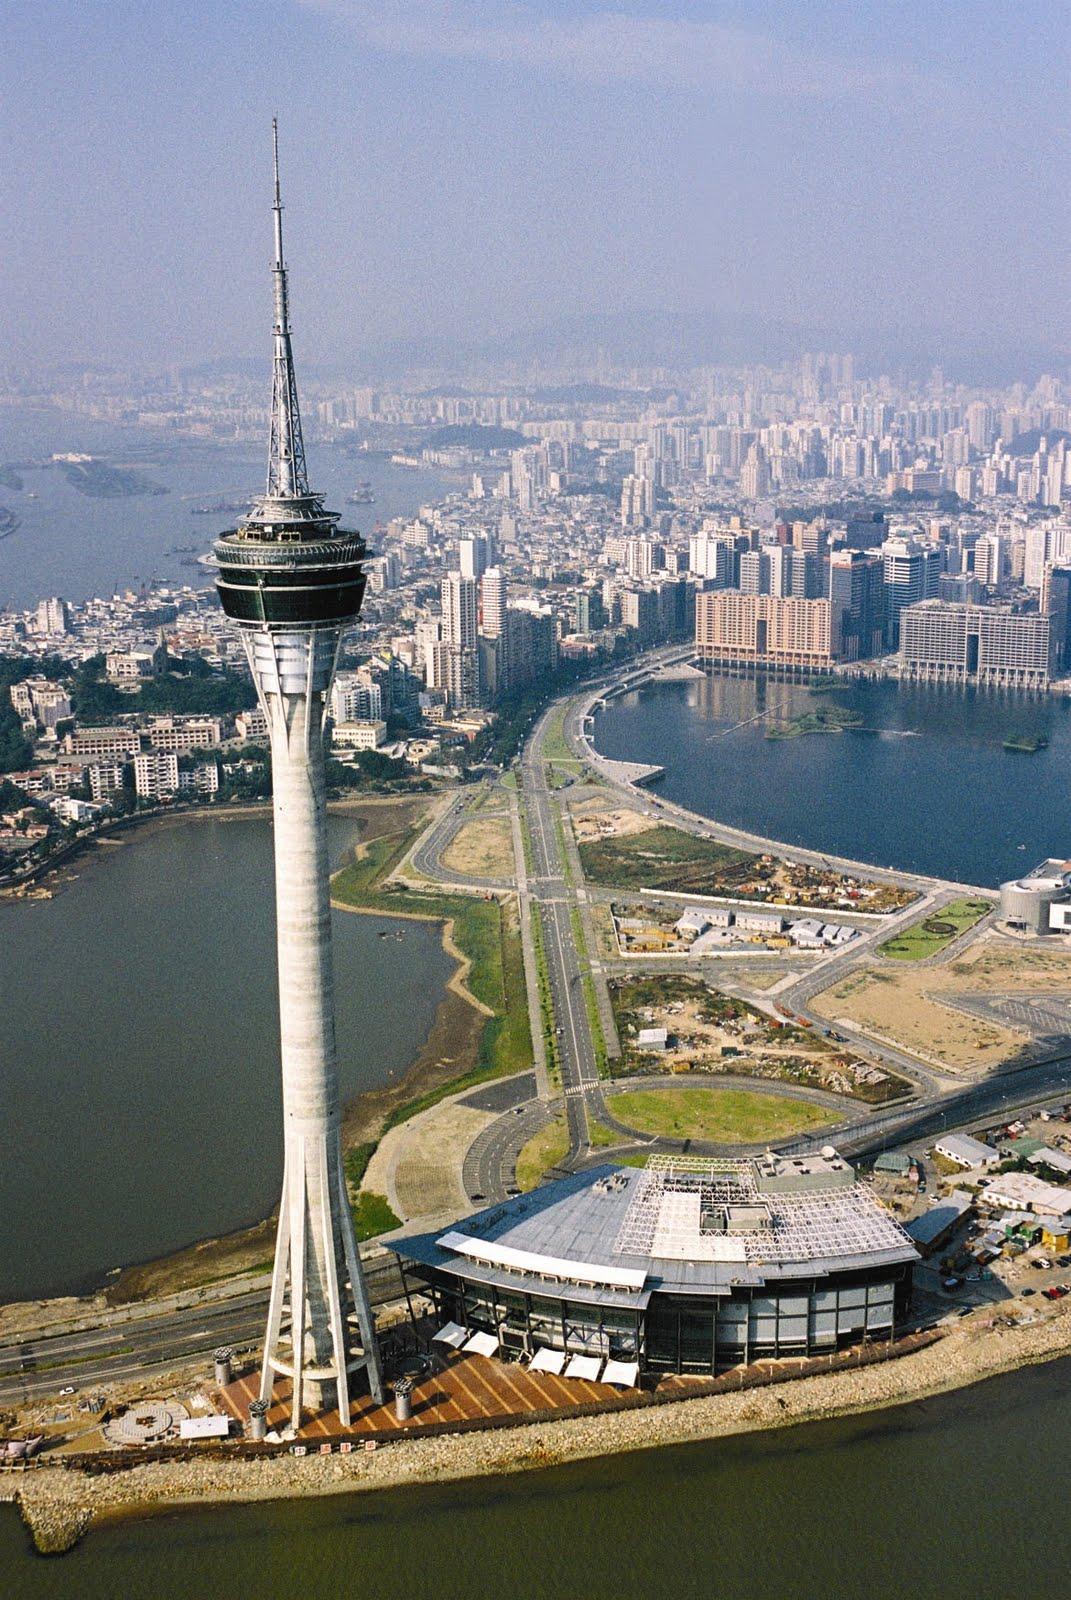 http://4.bp.blogspot.com/-E9cq8dRGKmw/TilbjXEjvKI/AAAAAAAAFAU/KNbhk95UgT4/s1600/macau_sky-tower.jpg